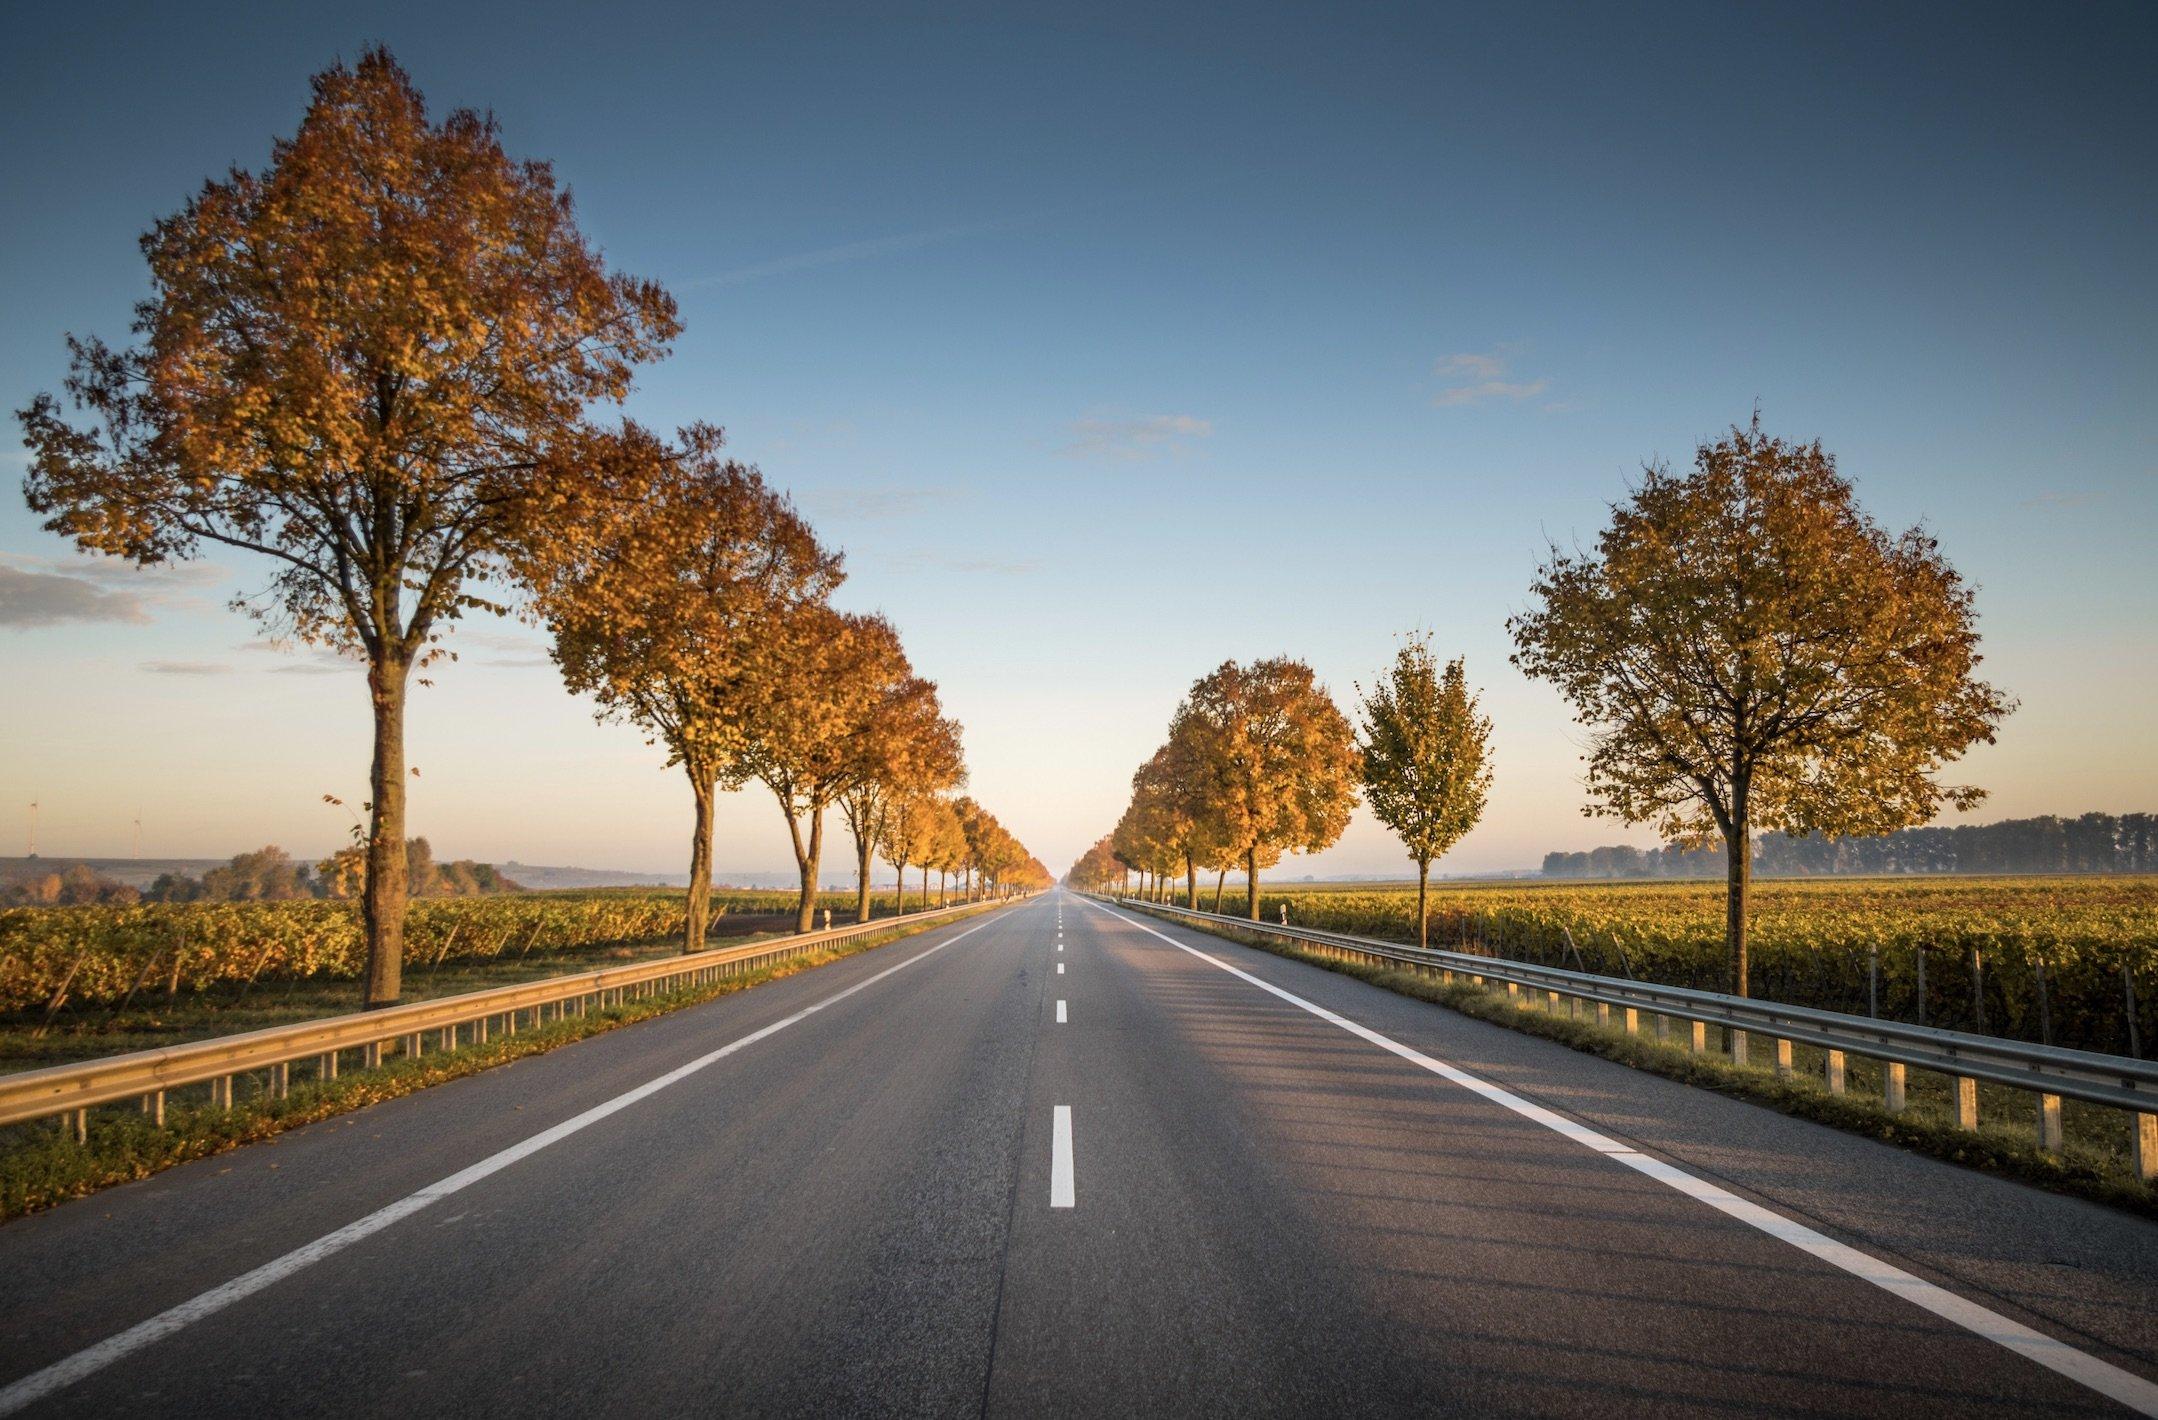 route avec des arbres rougis d'automne